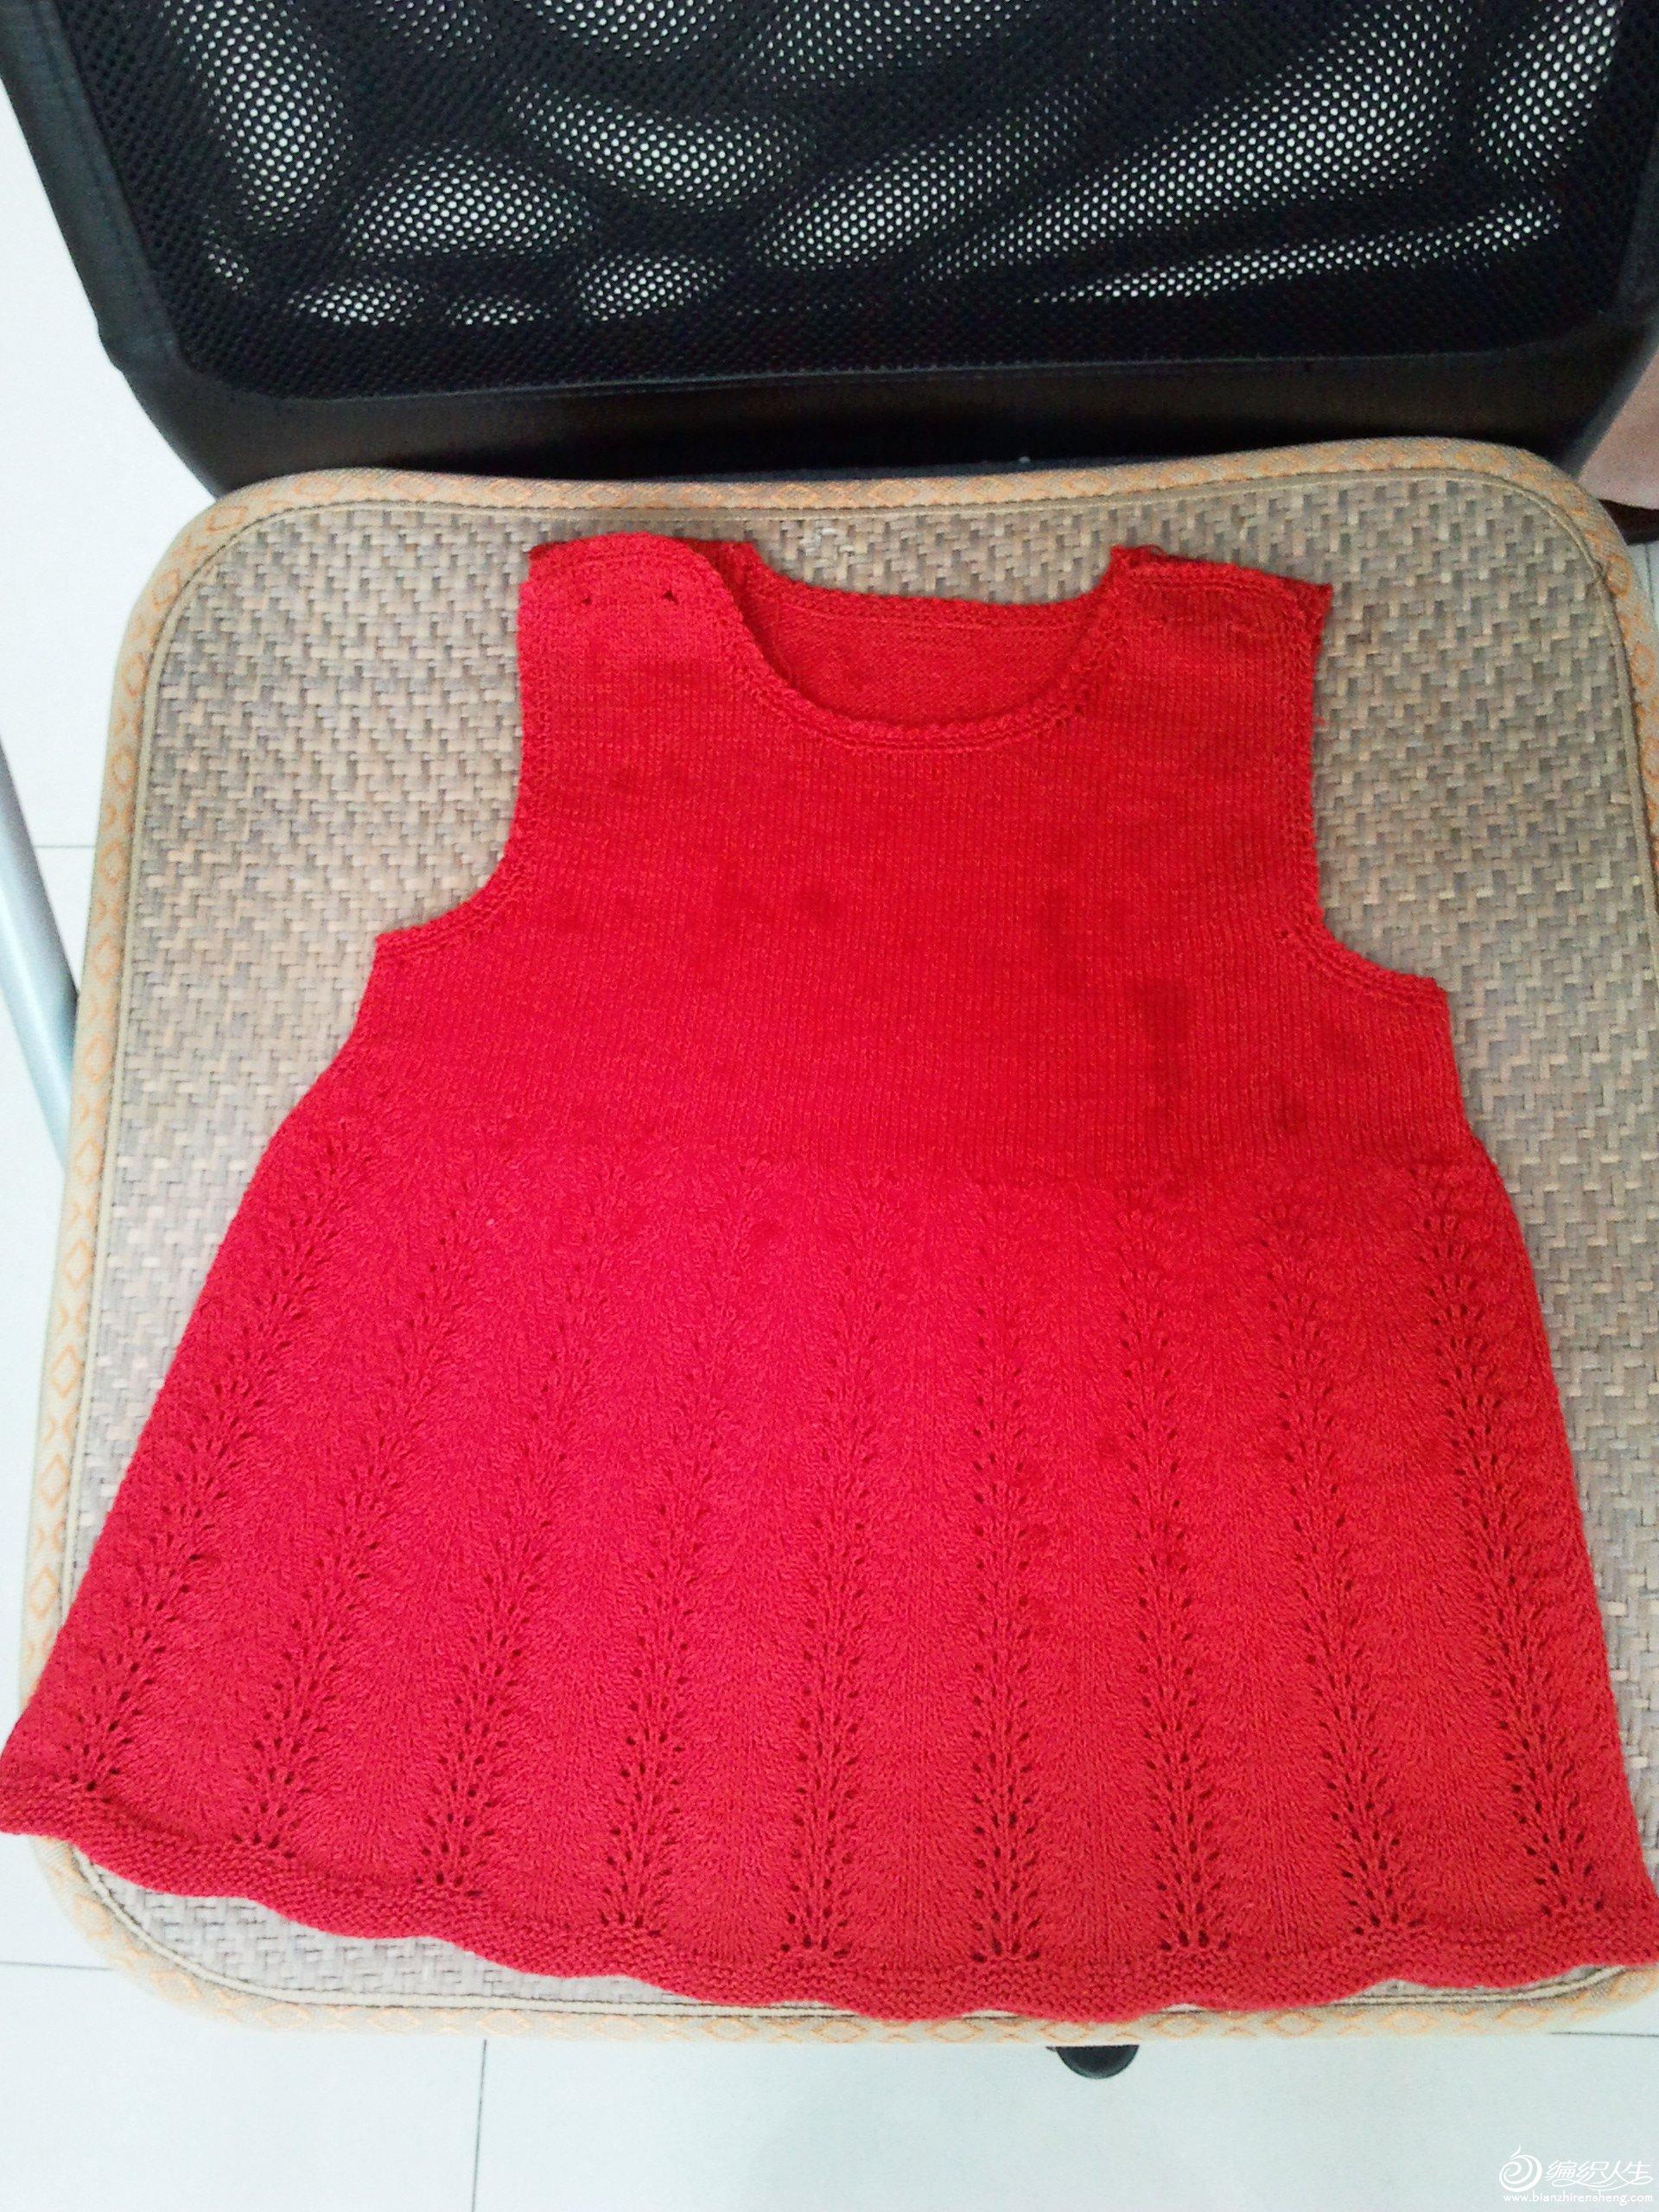 怡凡的小红裙4.jpg